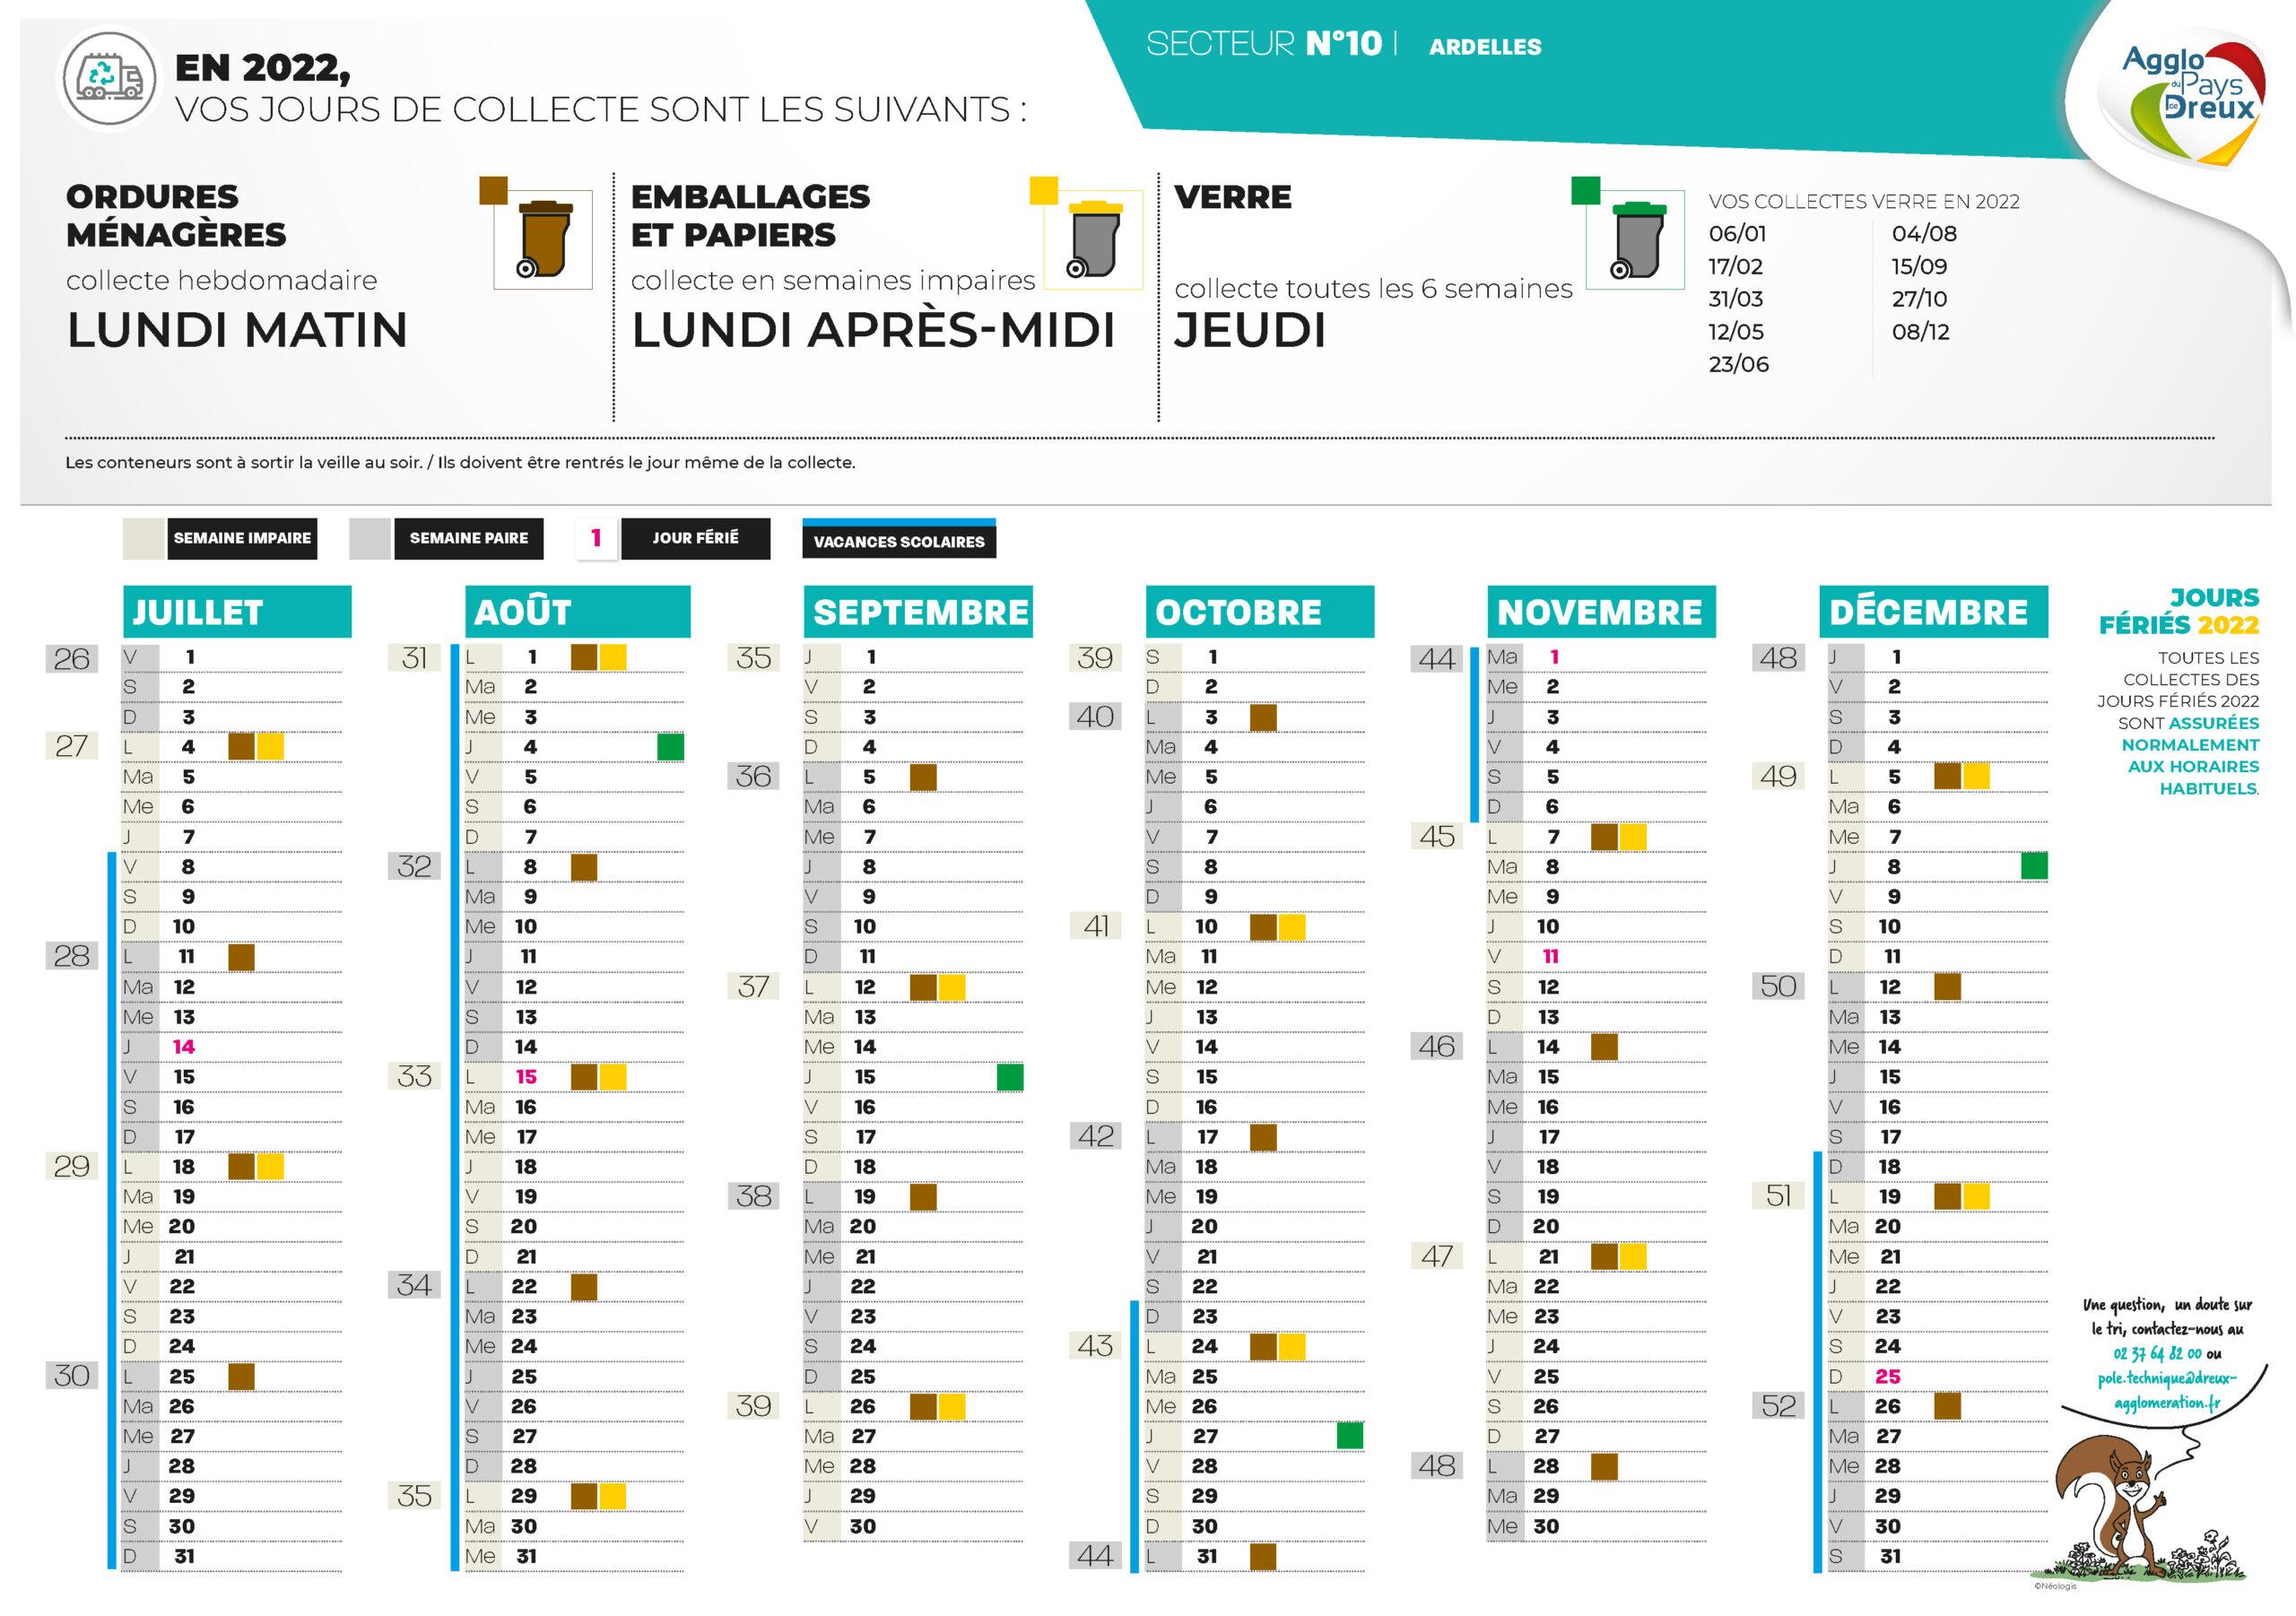 Calendrier-SECTEUR-10-consignes-de-tri